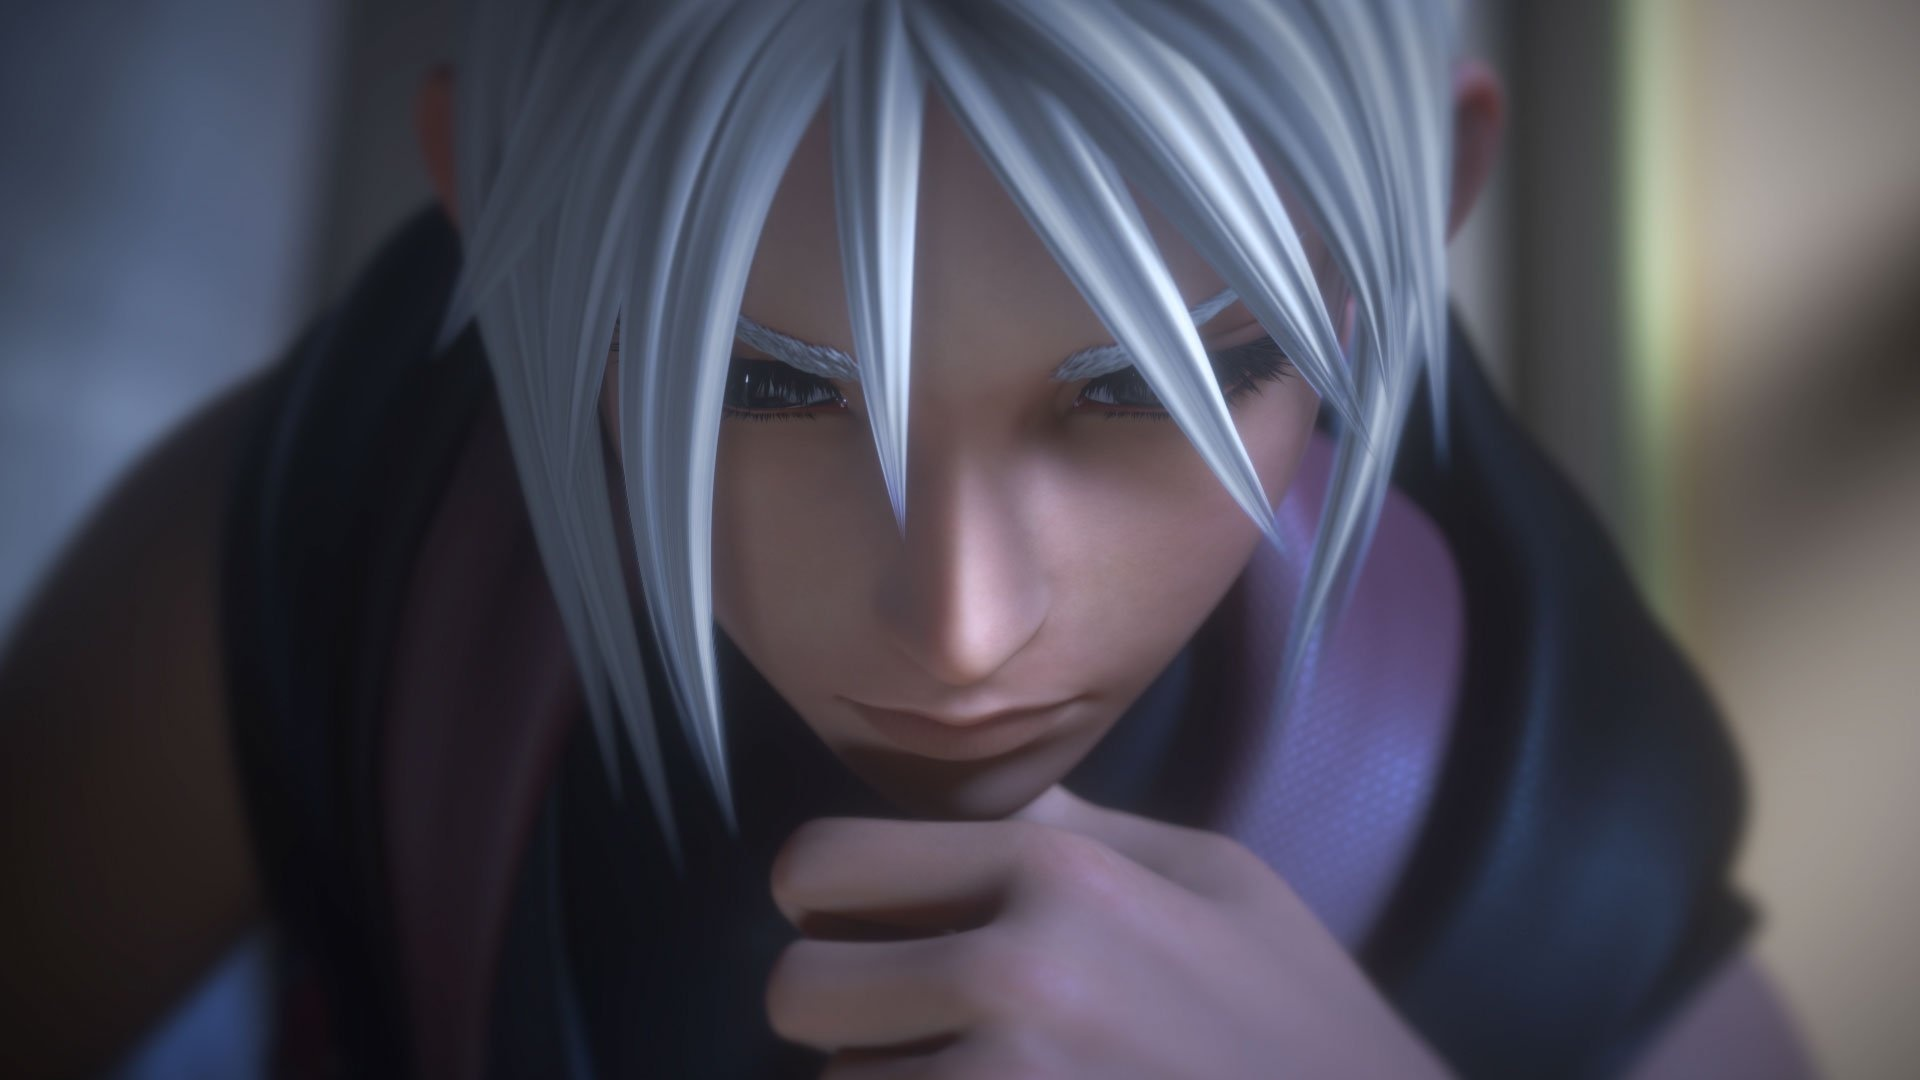 У Project Xehanort теперь есть официальное название — Kingdom Hearts Dark Road